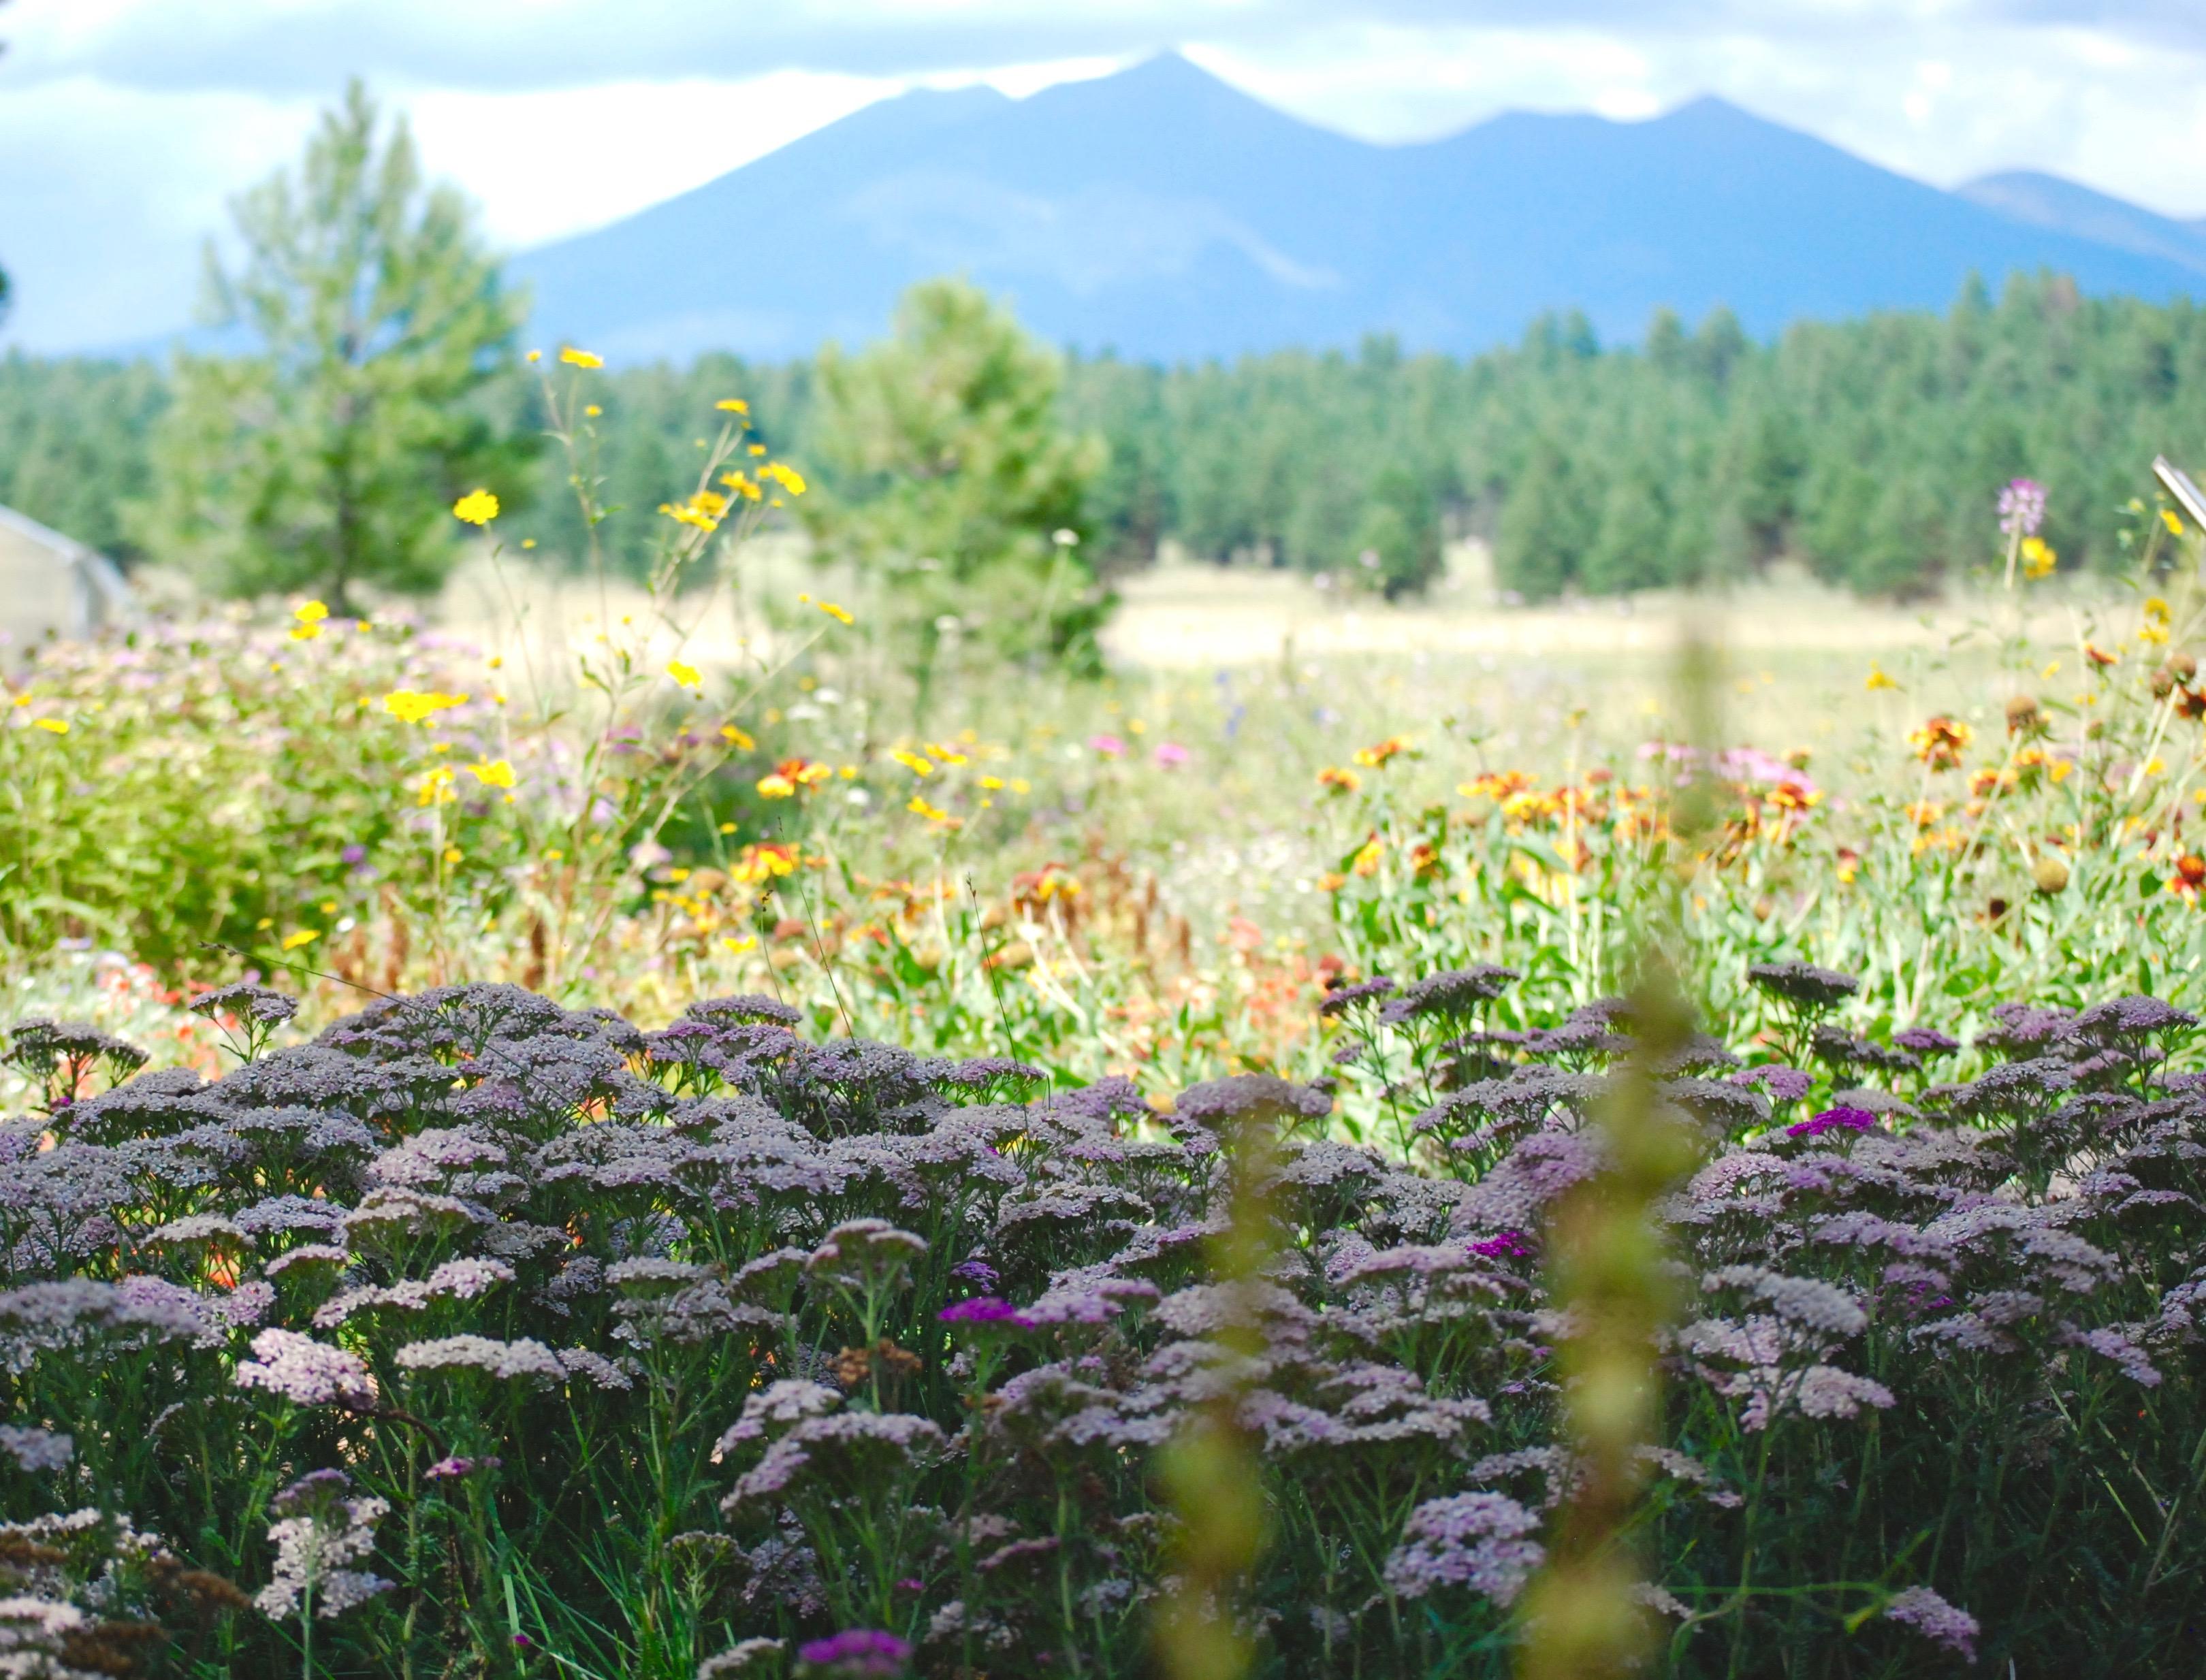 Arboretum Day Trip